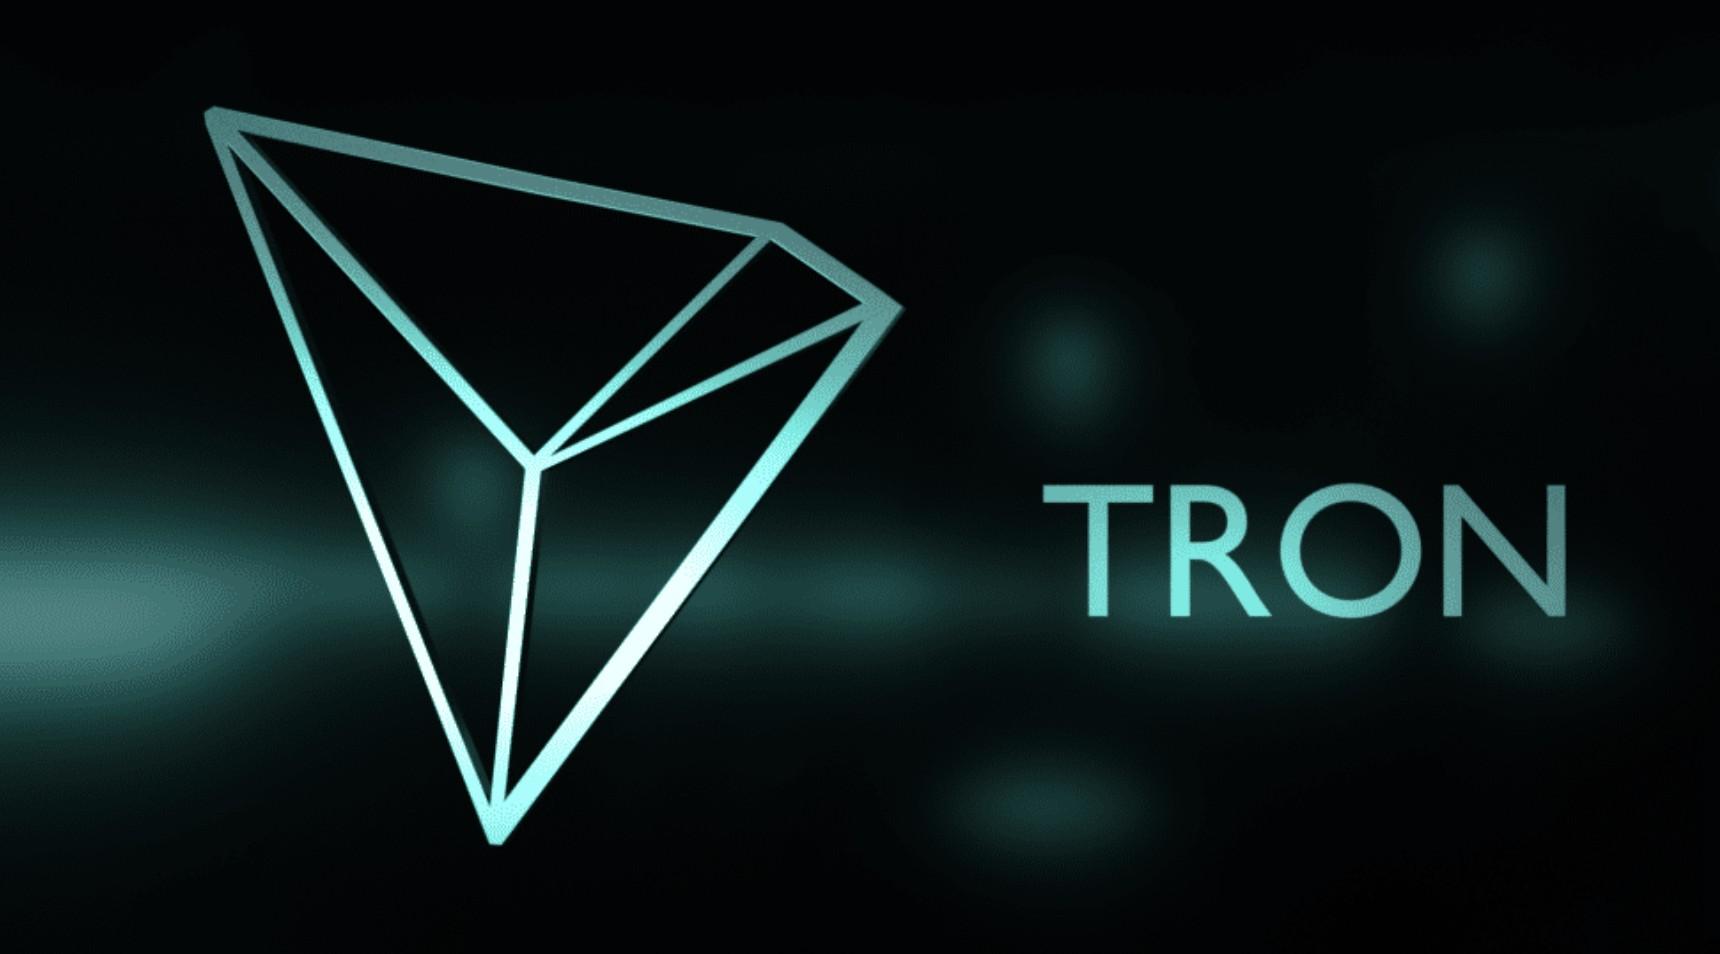 波场孙宇晨:Sun Network测试网将于5月下旬发布,可将Tron网络的可扩展性提高100倍